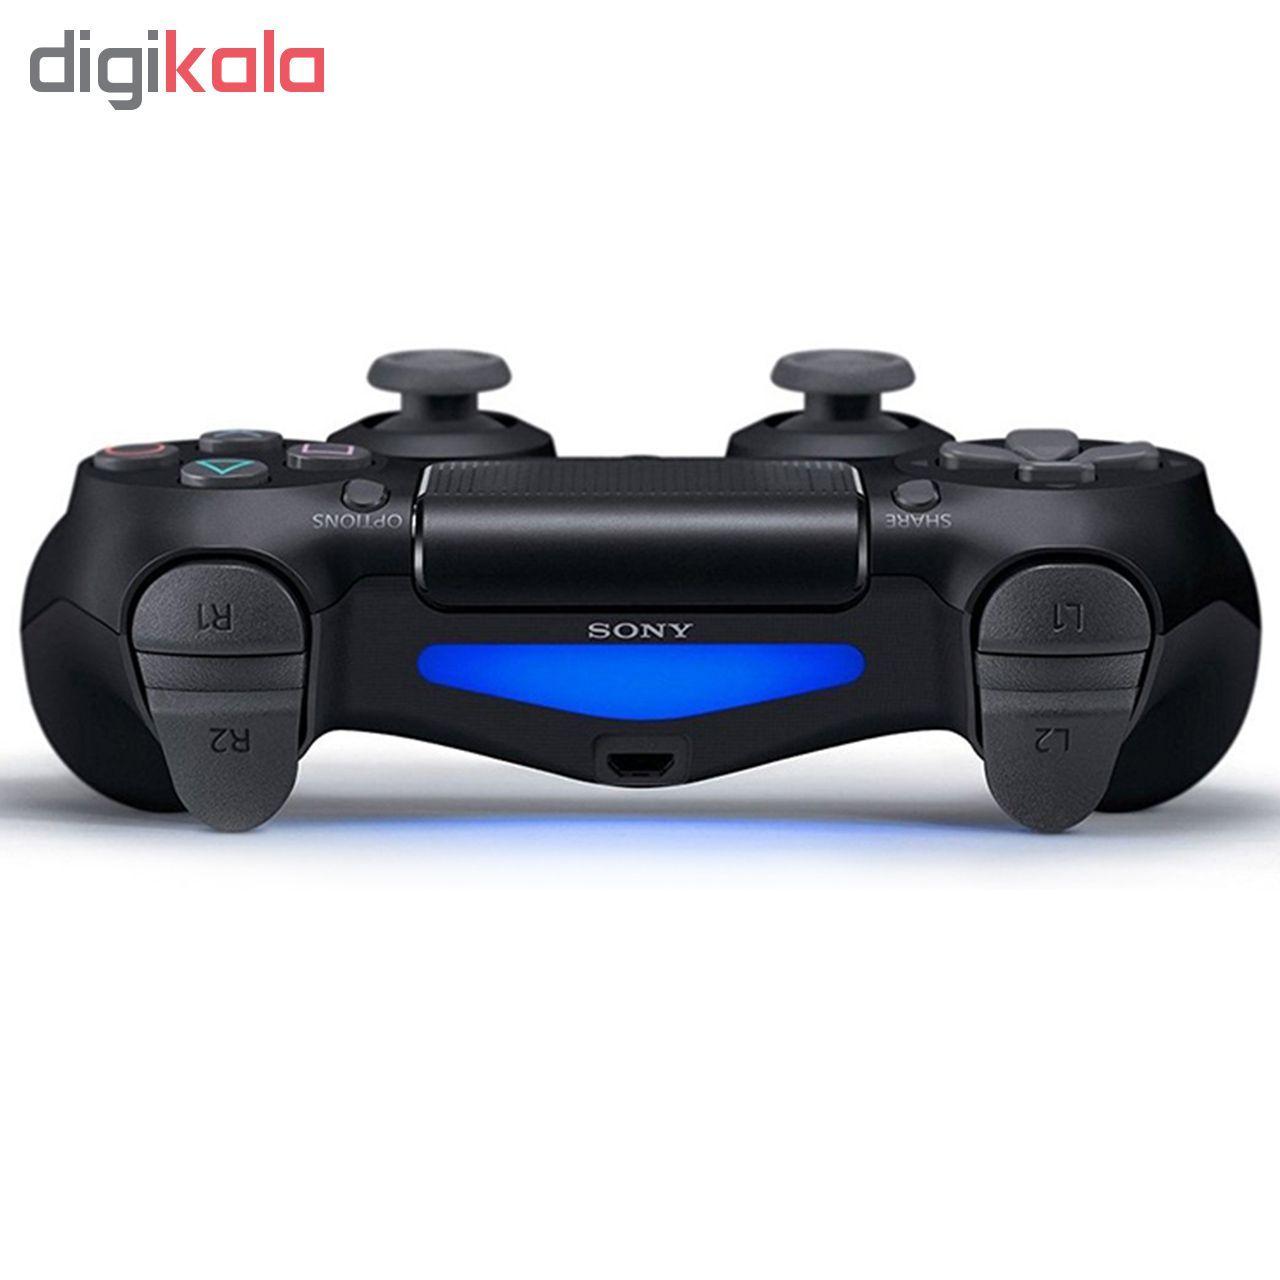 کنسول بازی سونی مدل Playstation 4 Slim کد Region 2 CUH-2216A - ظرفیت 500 گیگابایت main 1 7